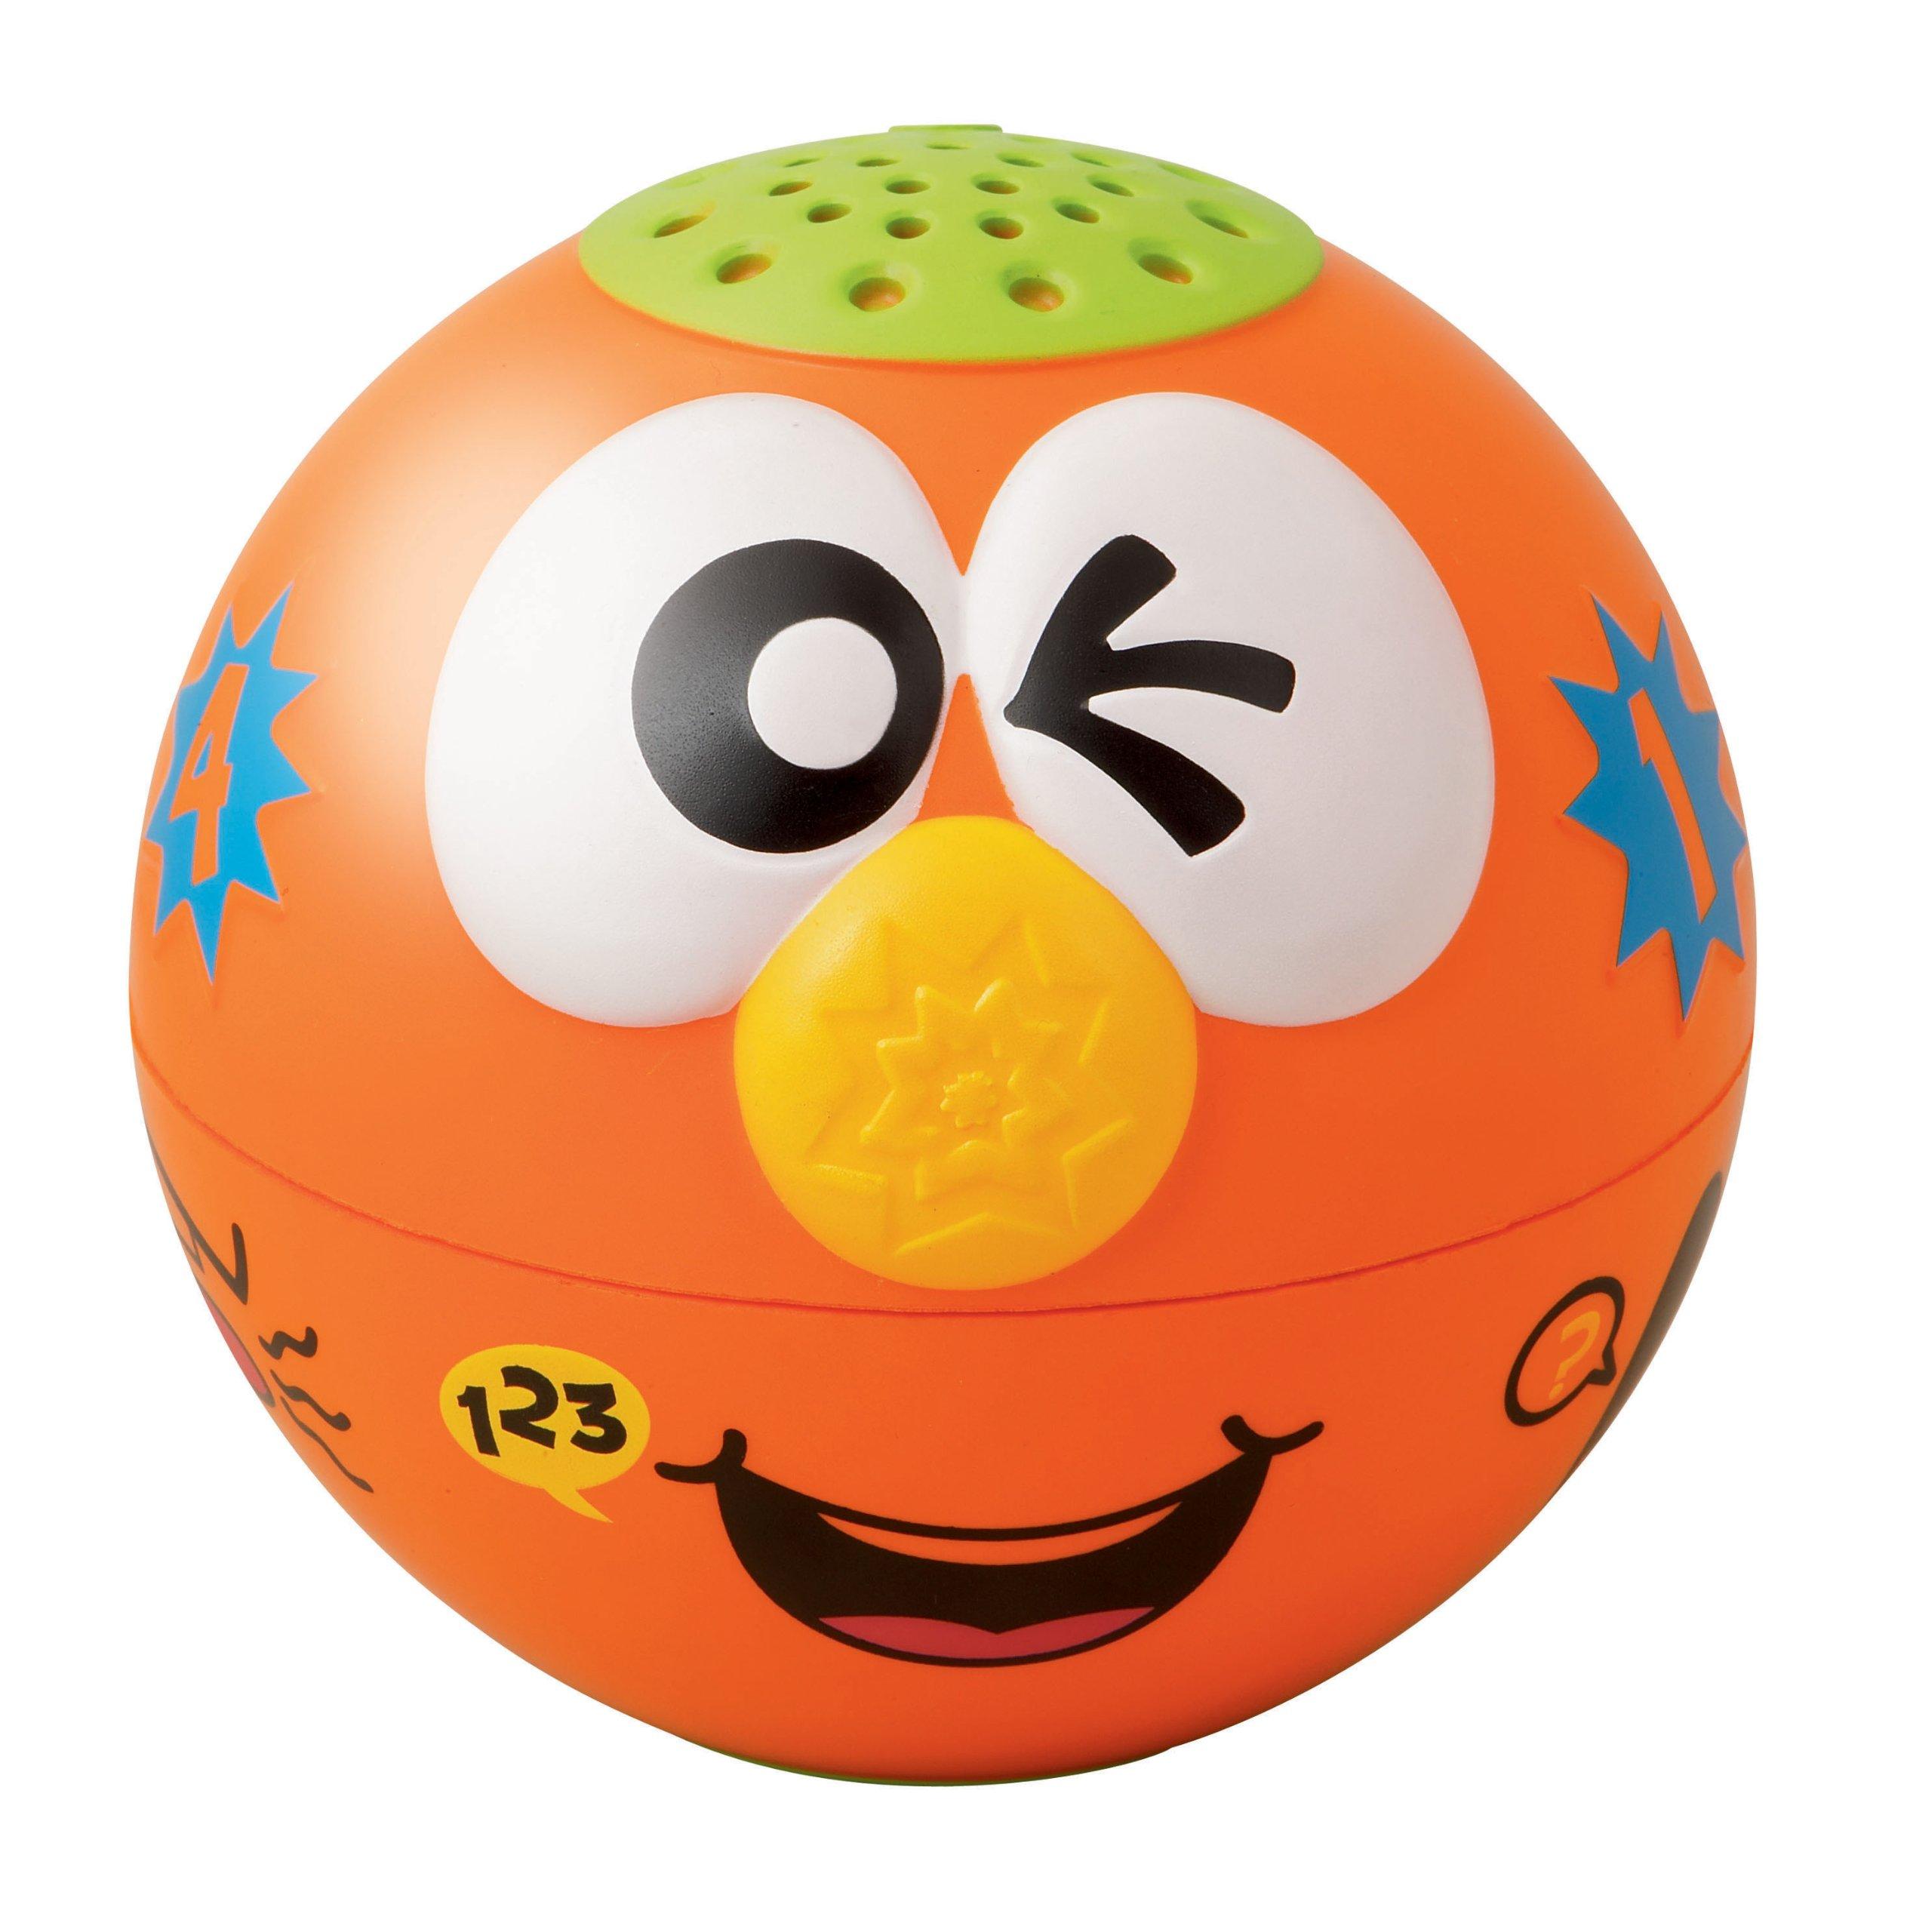 VTech Brilli The Imagination Ball - Orange